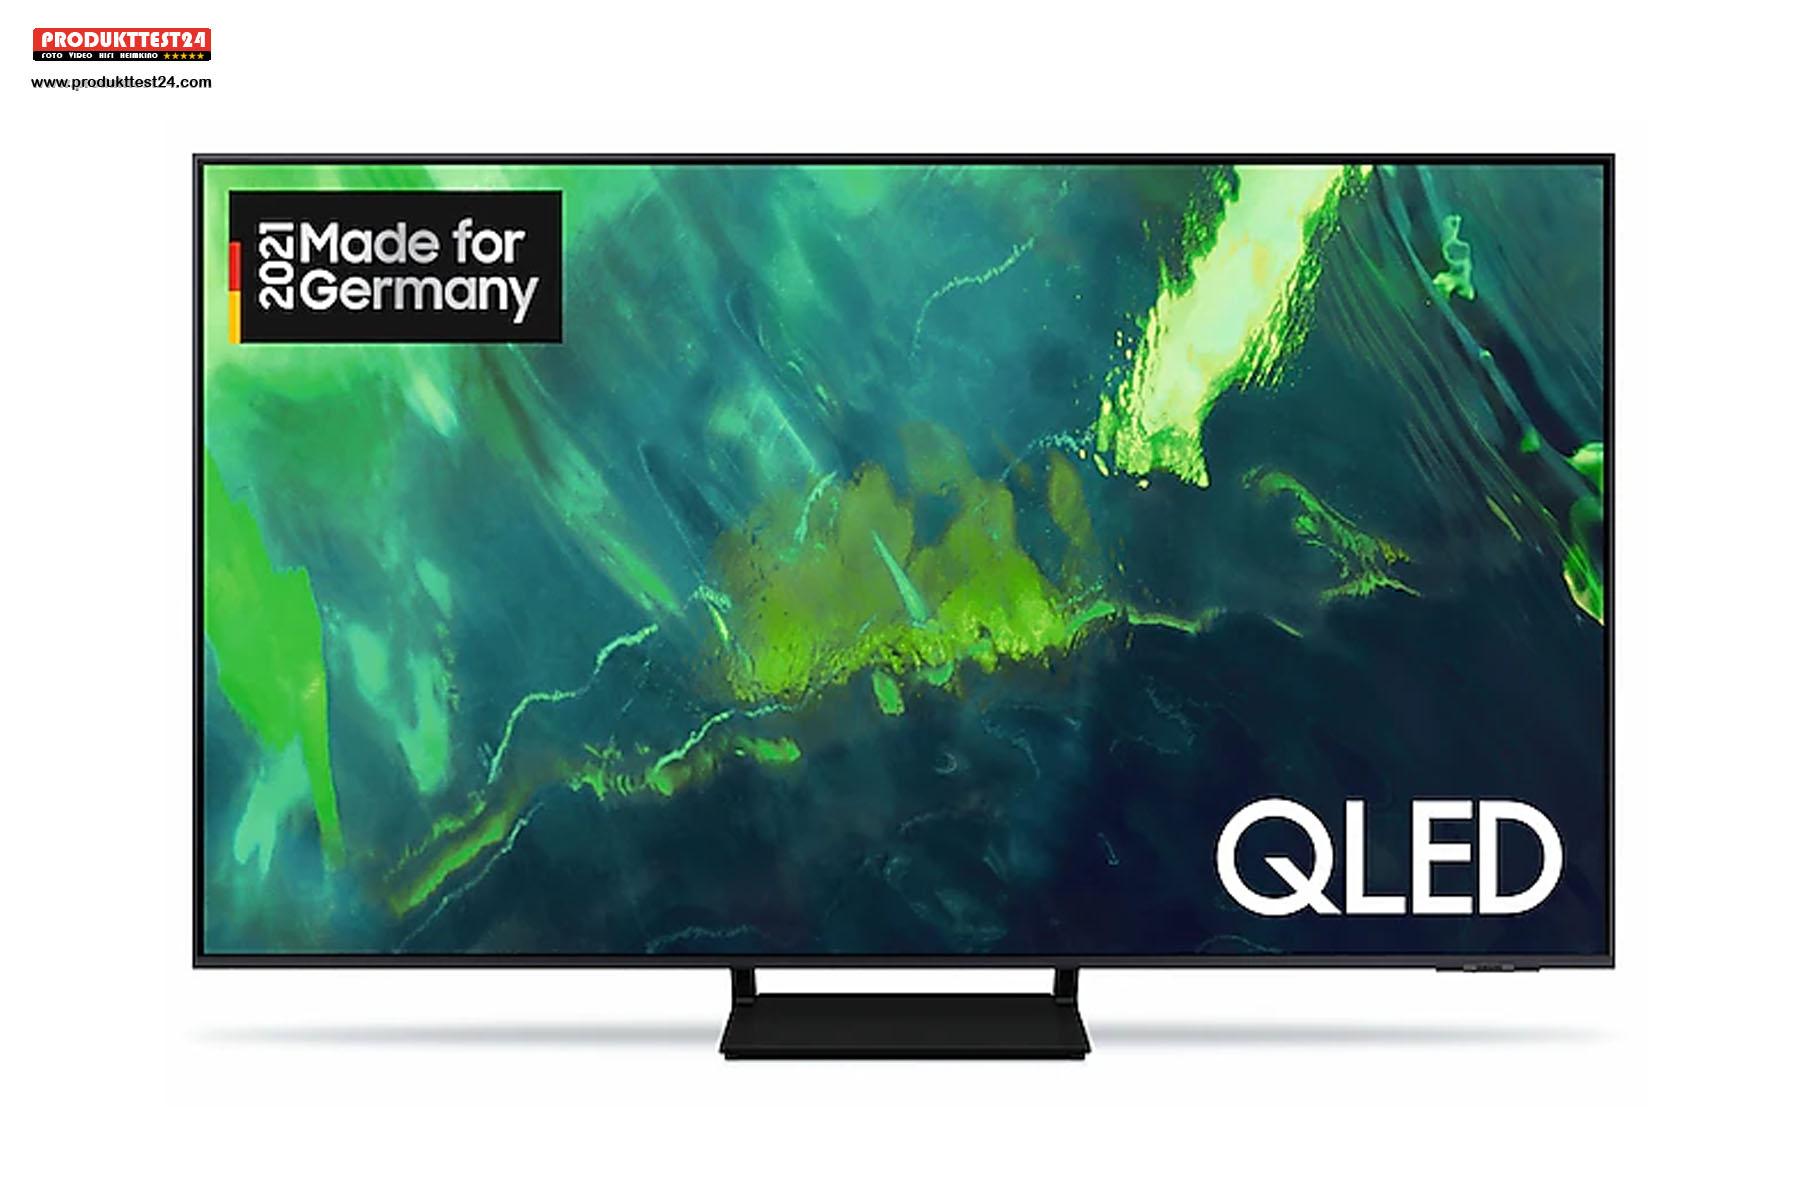 Der 55 Zoll große Samsung Q70A QLED 4K-Fernseher.